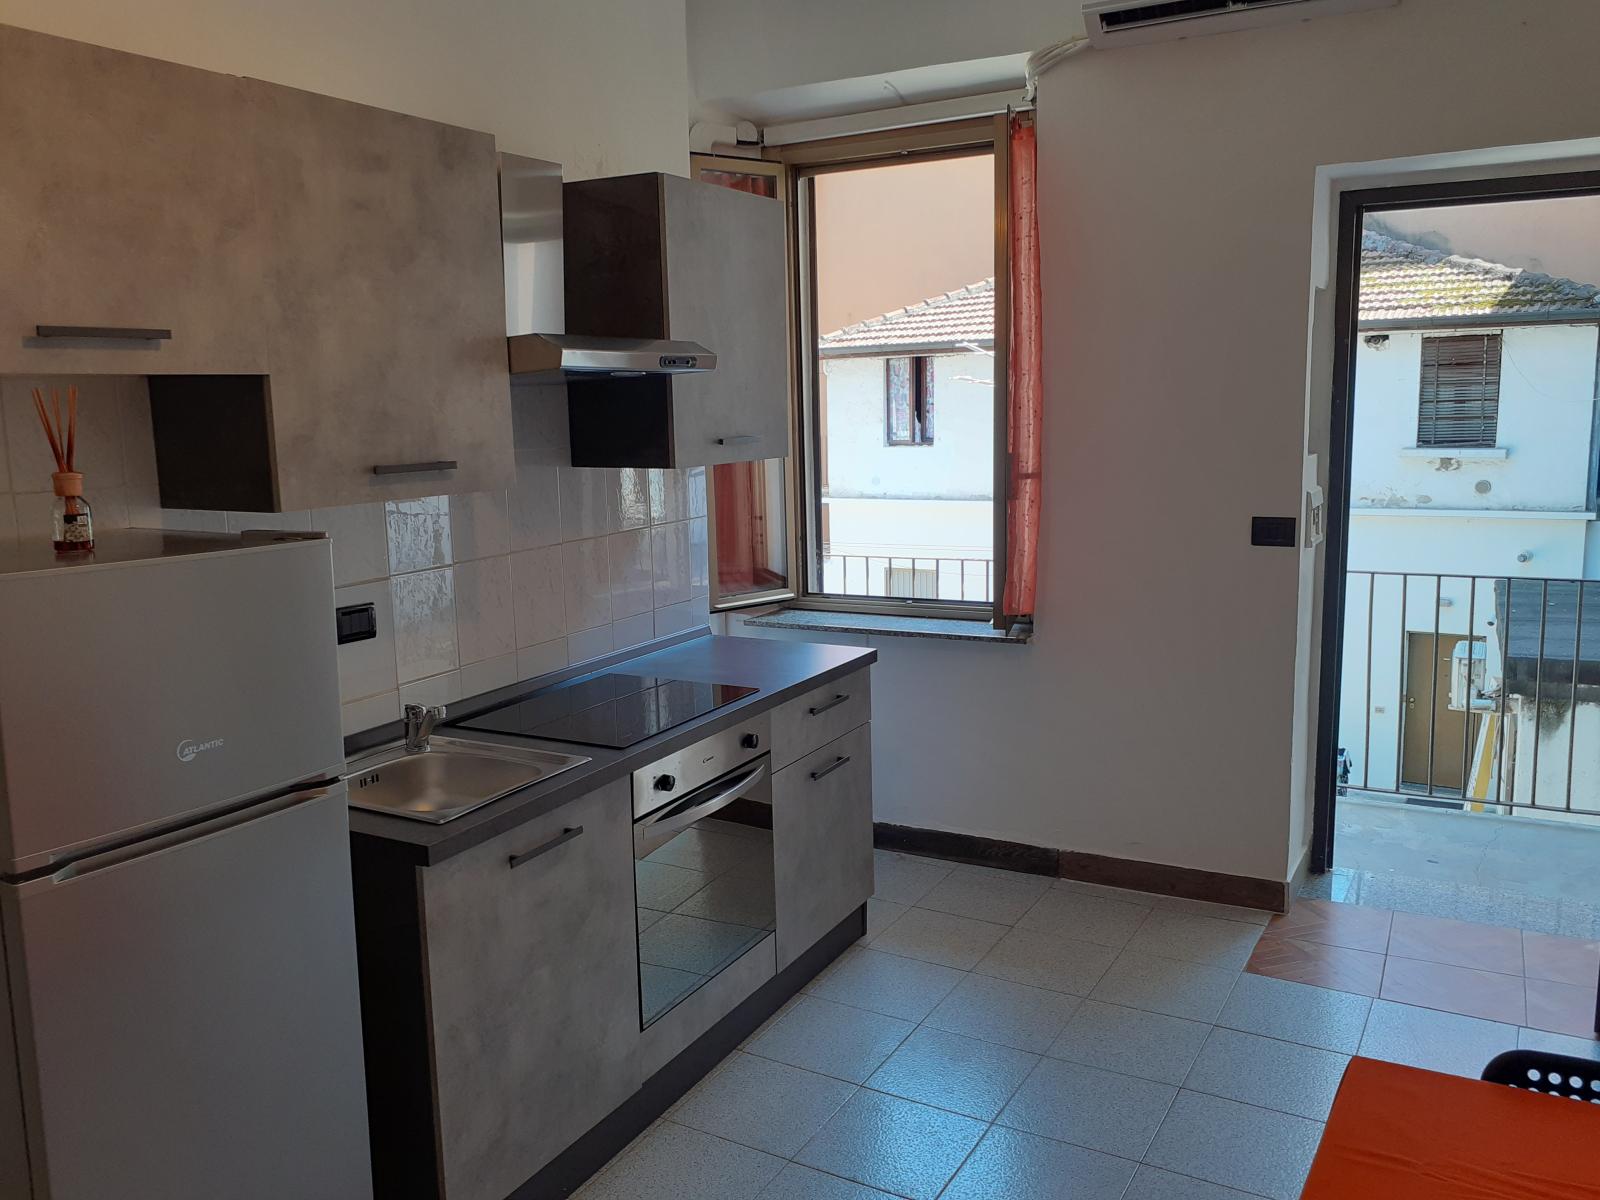 appartamento-in-vendita-a-baggio-milano-monolocale-65.000-euro-spaziourbano-immobiliare-vende-6